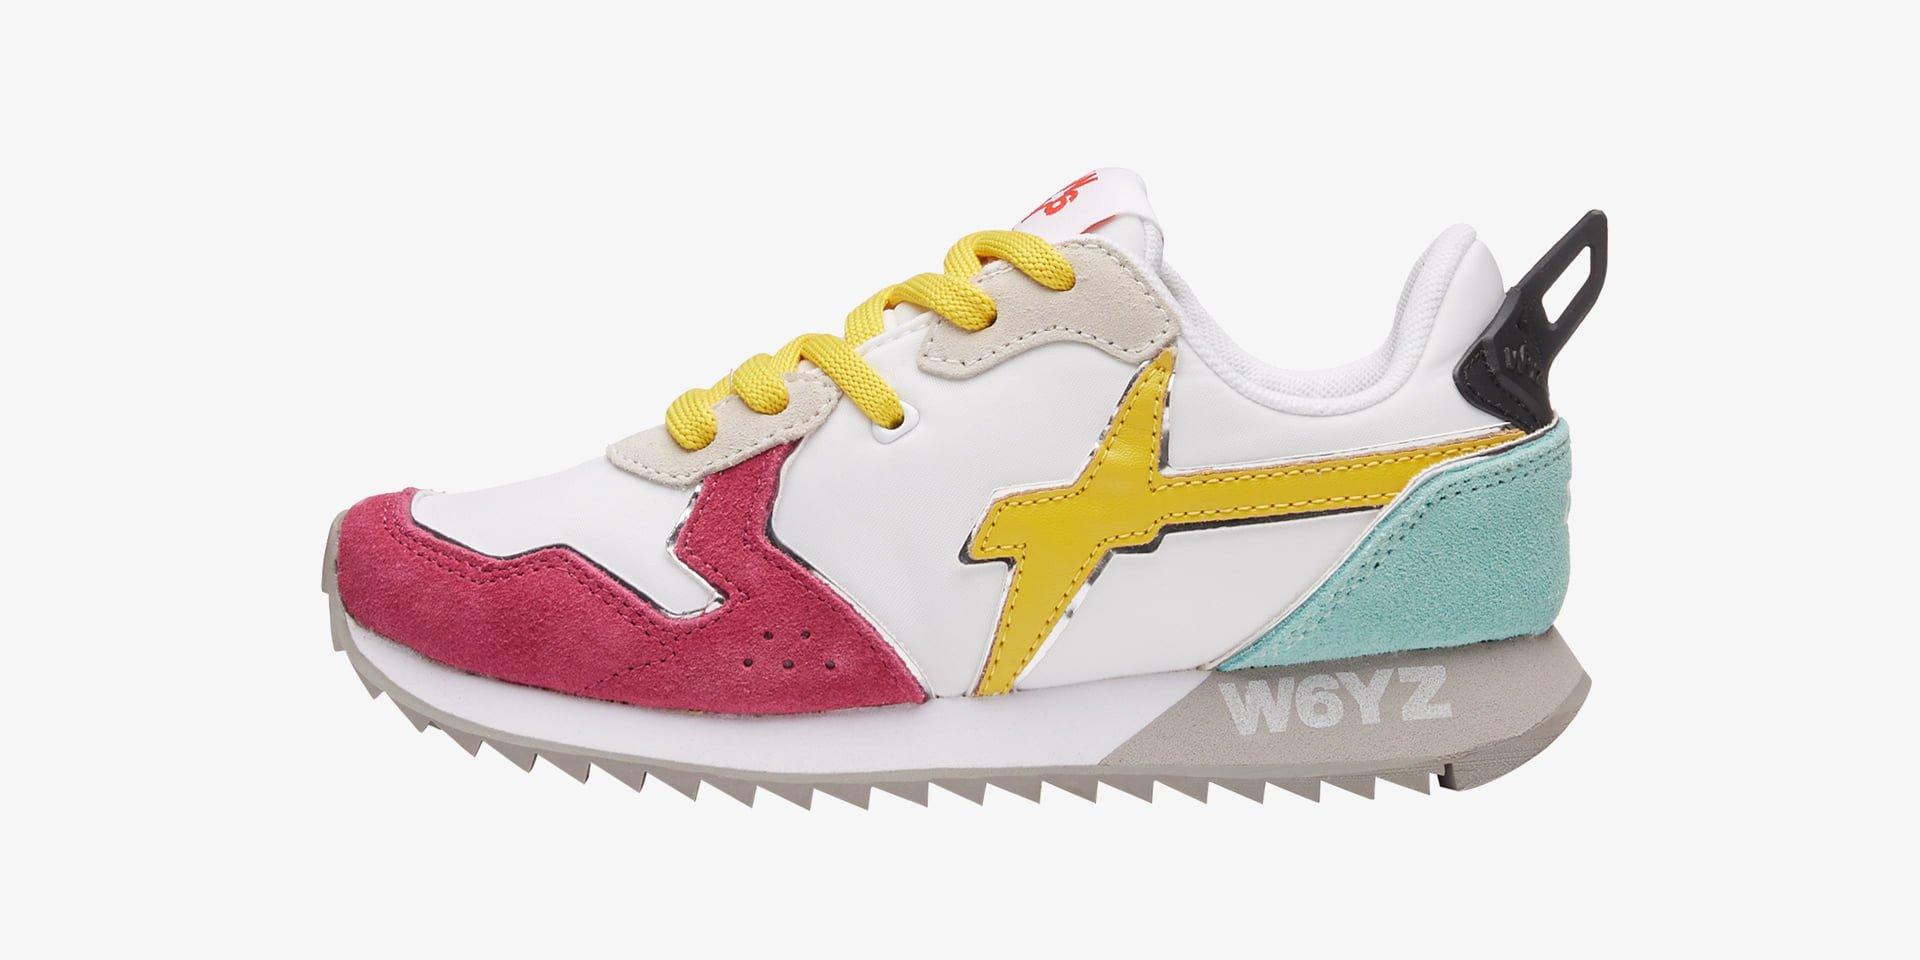 JET-J - Sneaker in tessuto e pelle - Bianco-Fuxia-Giallo